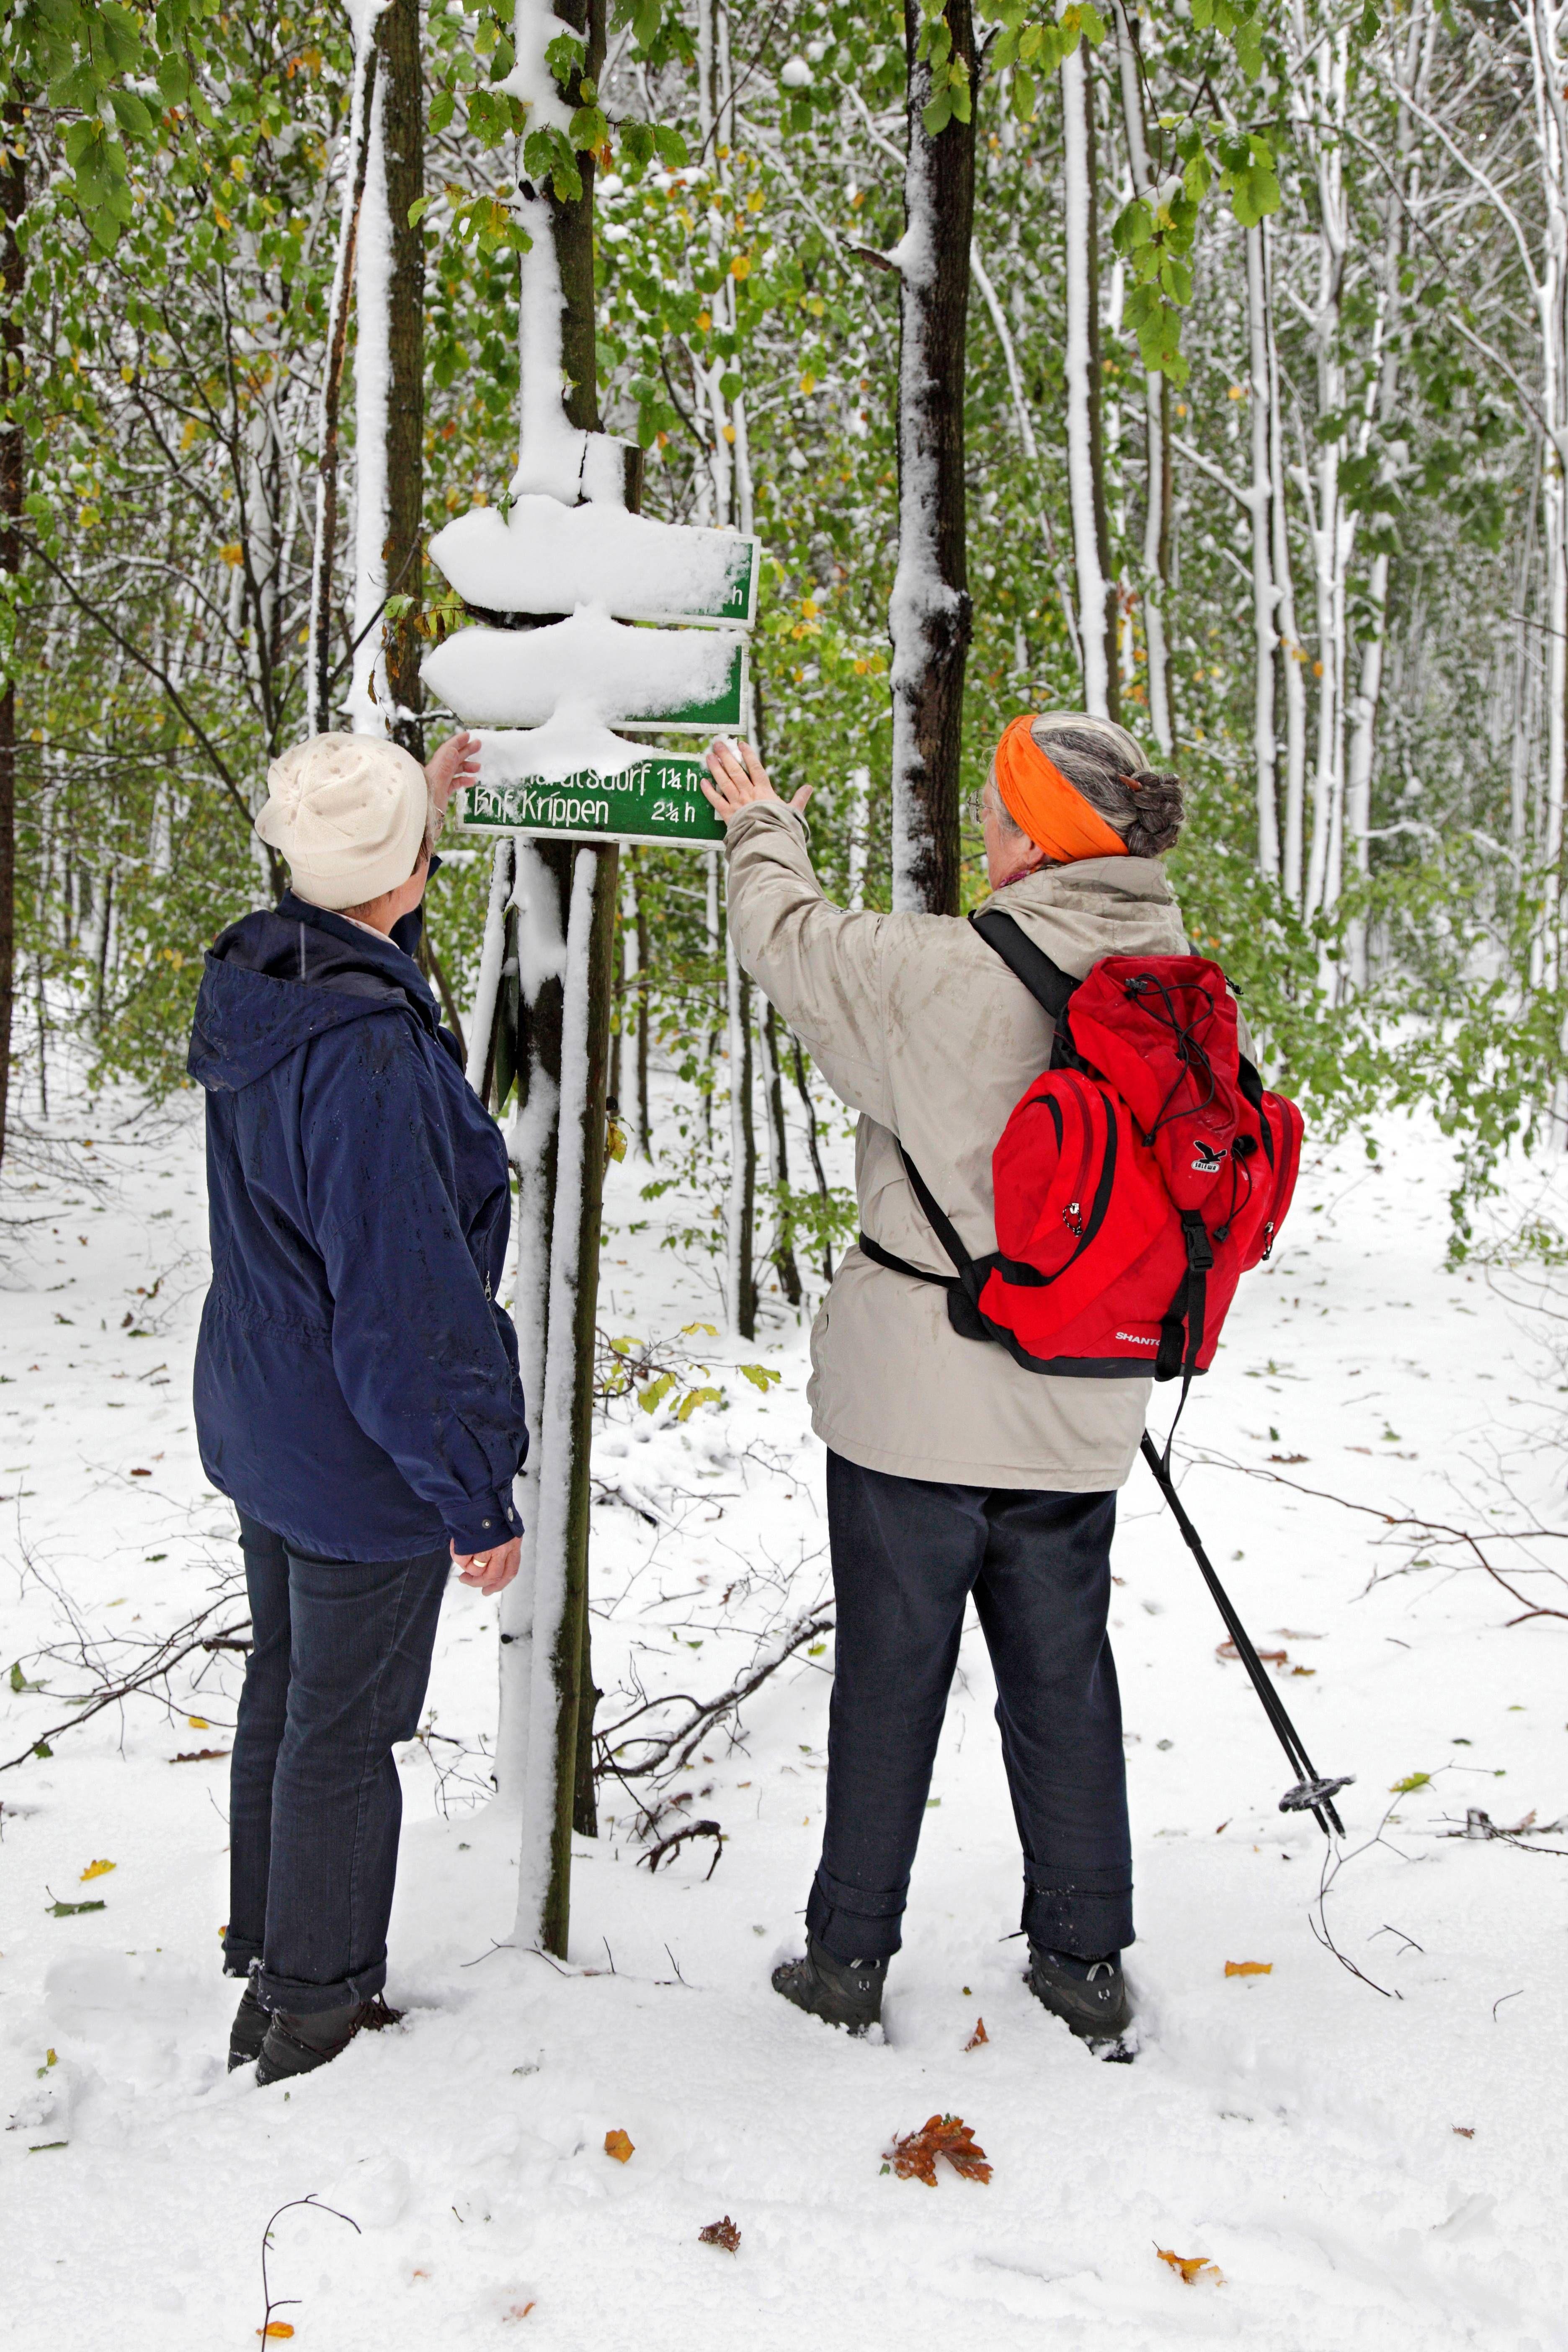 Herbstwanderung im Schnee in der Sächsischen Schweiz am 16.10.2009. Die Wanderer in der Sächsischen Schweiz wurden schon Mitte Oktober vom Schnee überrascht. Auf dem Gipfel des Großen Zschirnstein, mit 562 Metern die höchste Erhebung der Sächsischen Schweiz, herrschten Bedingungen wie im tiefen Winter.